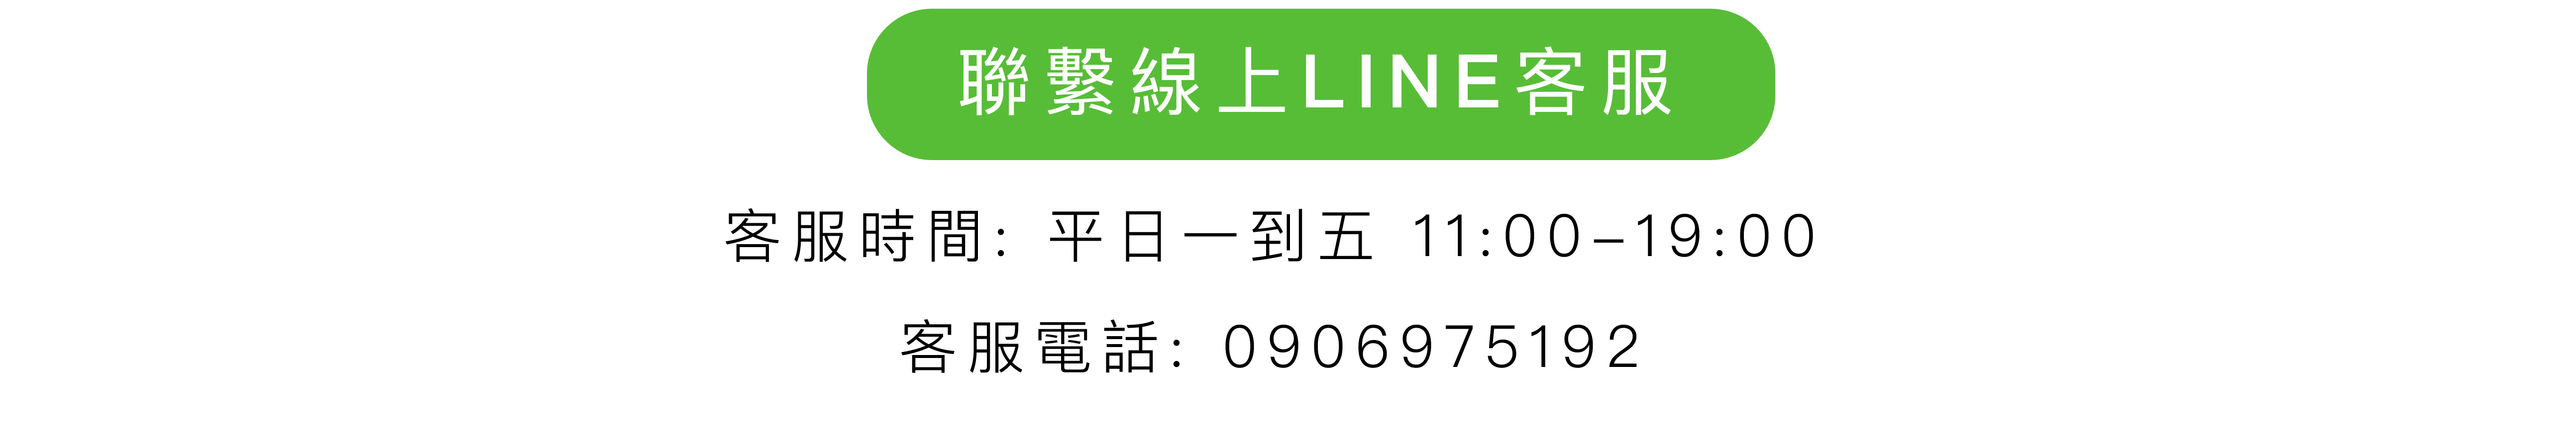 售後illus_LINE.jpg